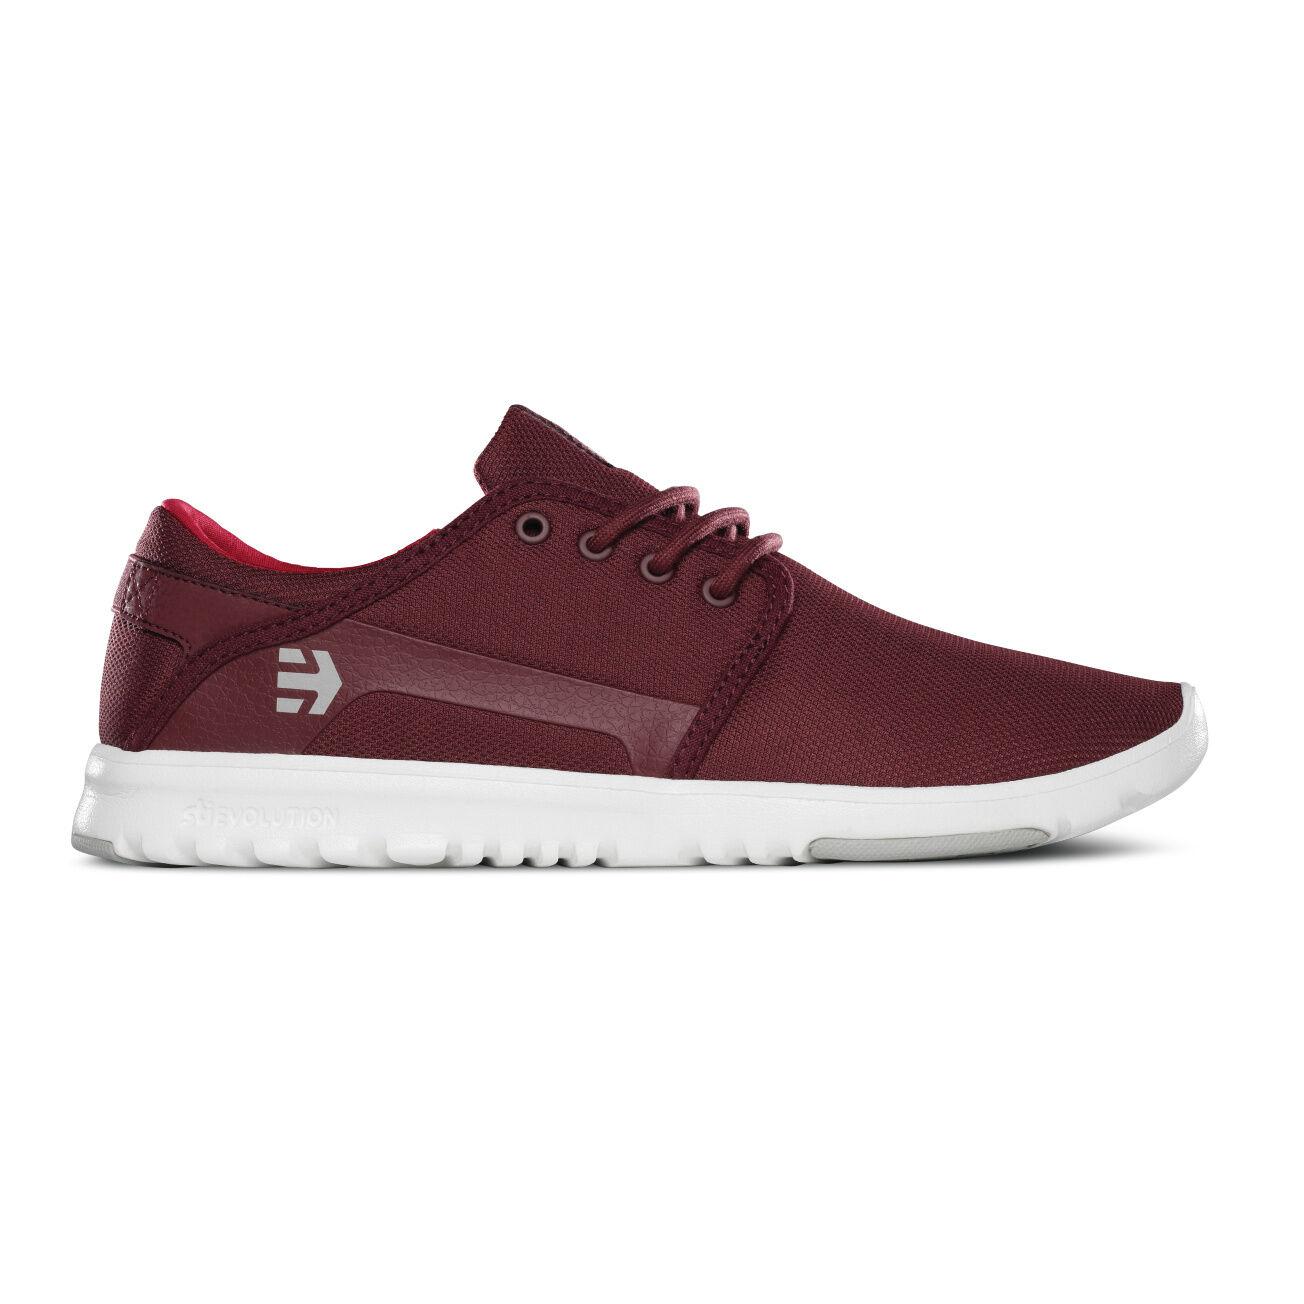 Etnies Scout scarpe scarpe da ginnastica burgundy 4101000419-602